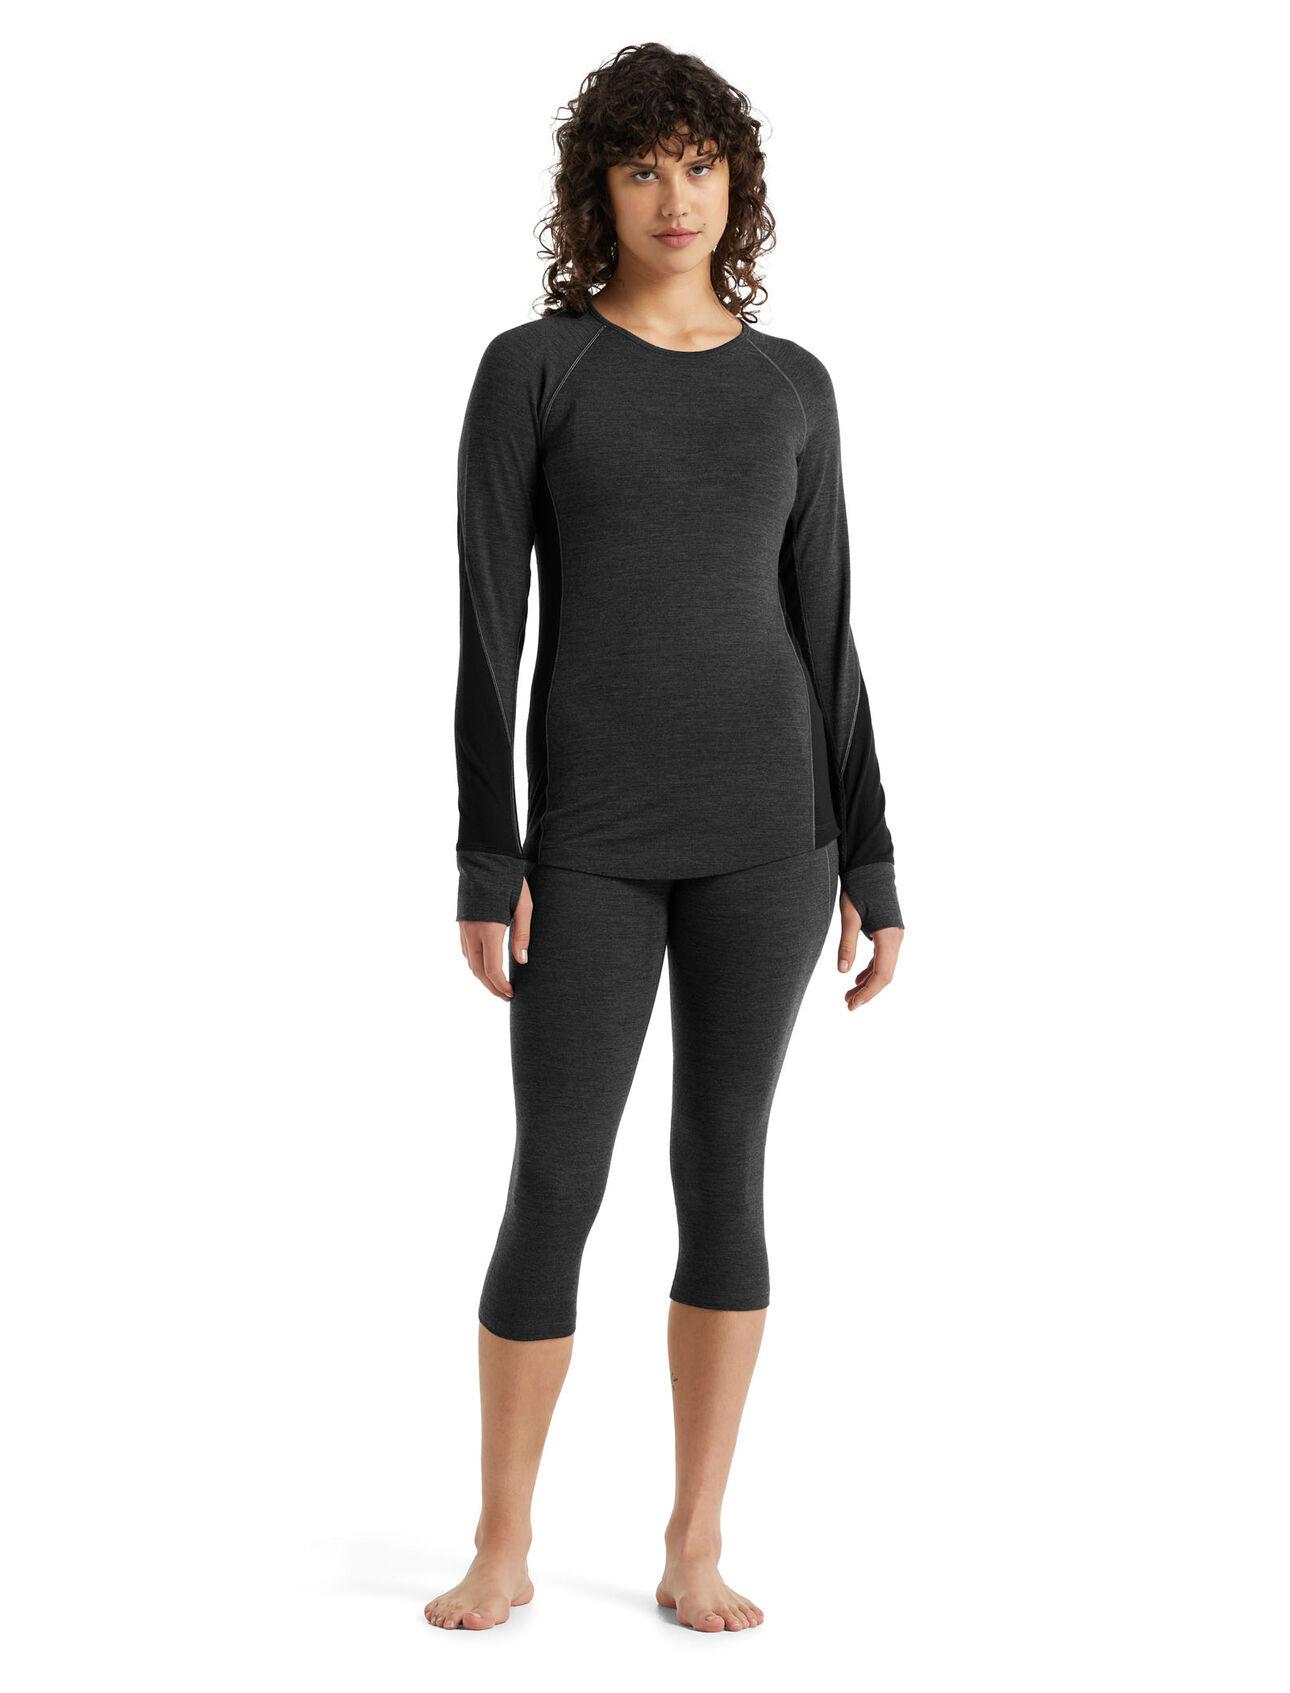 Haut col rond et legging 3/4 260 Zone Femme